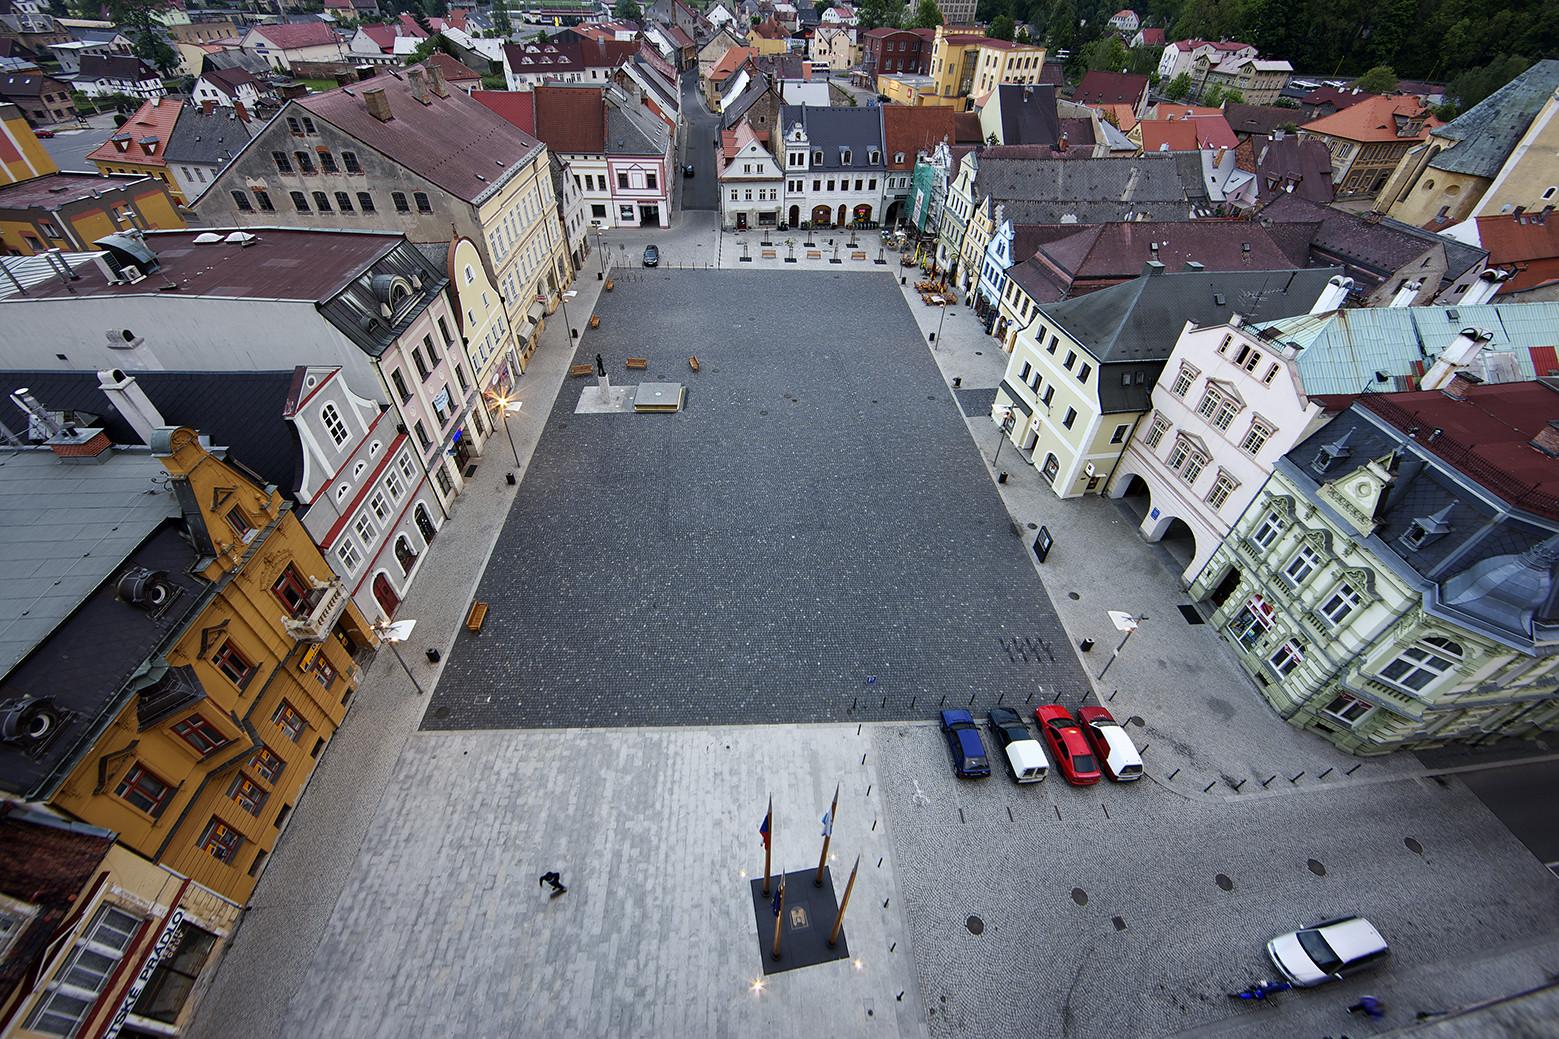 Reconstrução da praça em Frydlant / Balda Jand'ourek architects, © Aleš Jungmann, Jiří Jiroutek